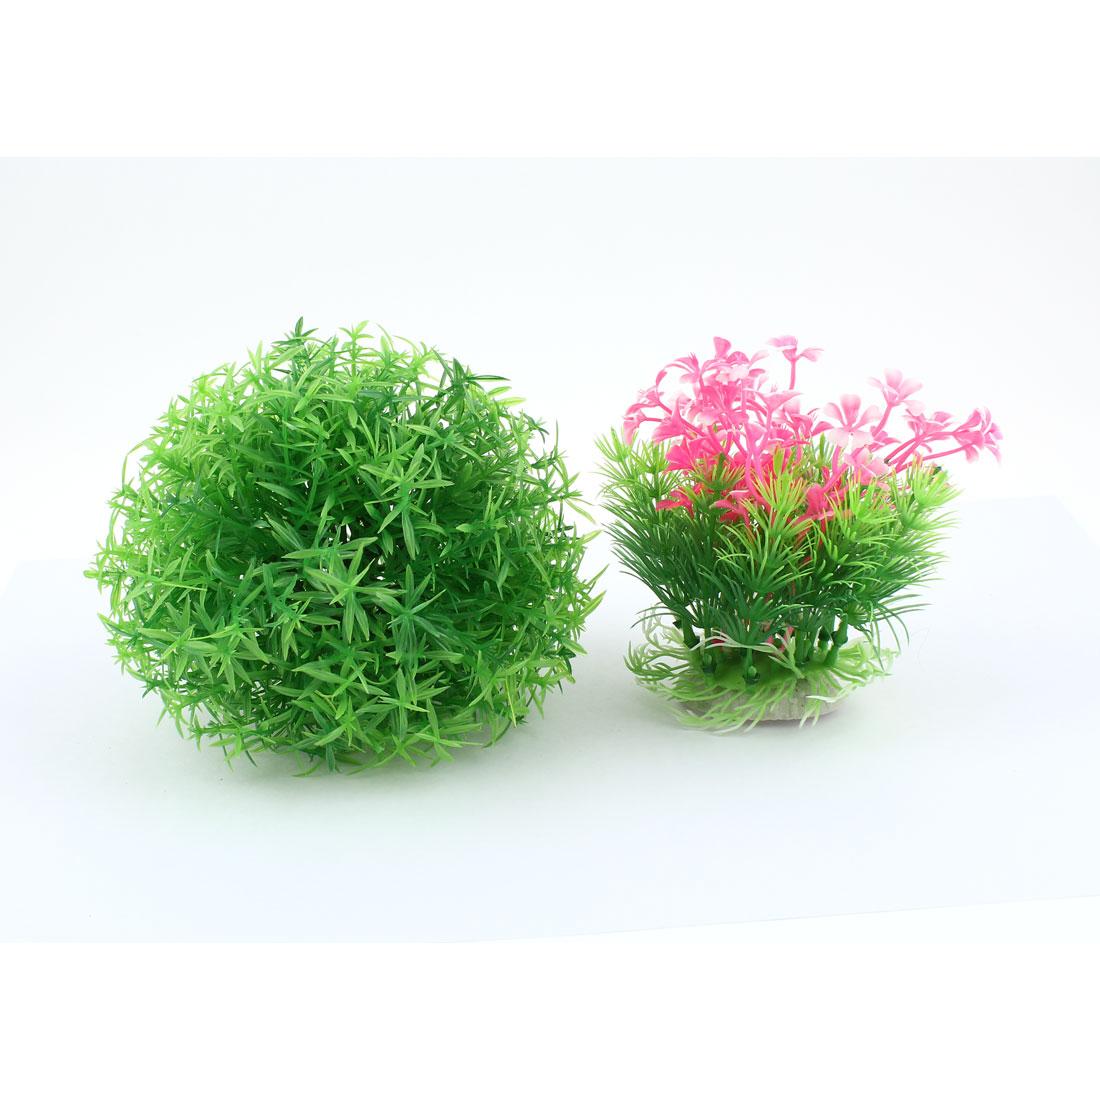 2pcs Emulational Green Pink Plastic Water Plants Ornament for Aquarium